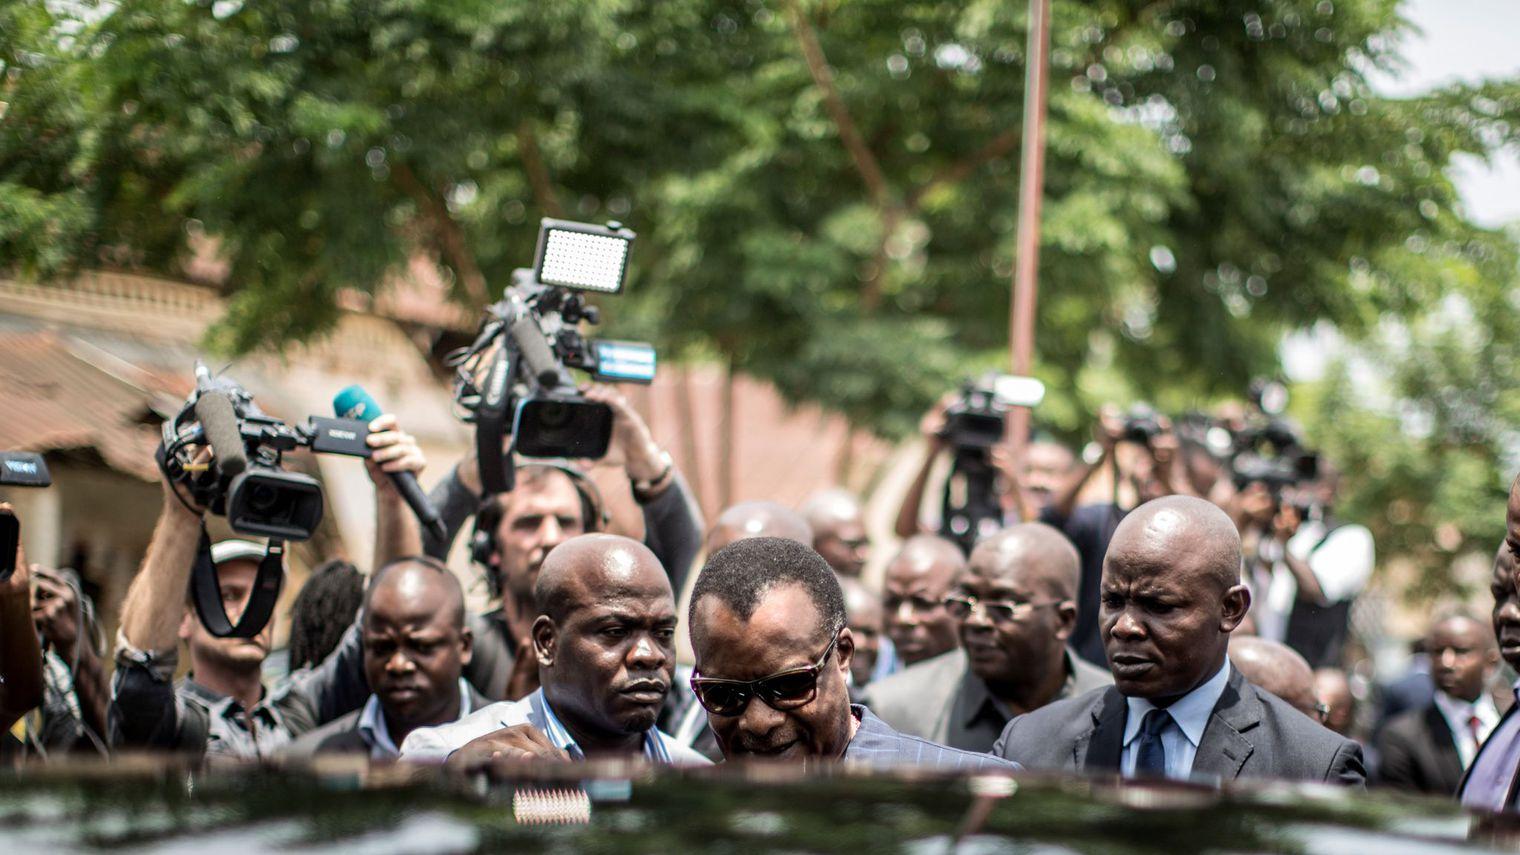 Le président congolais Denis Sassou Nguesso quitte un bureau de vote à Brazzaville, le 20 mars 2016. Photo AFP